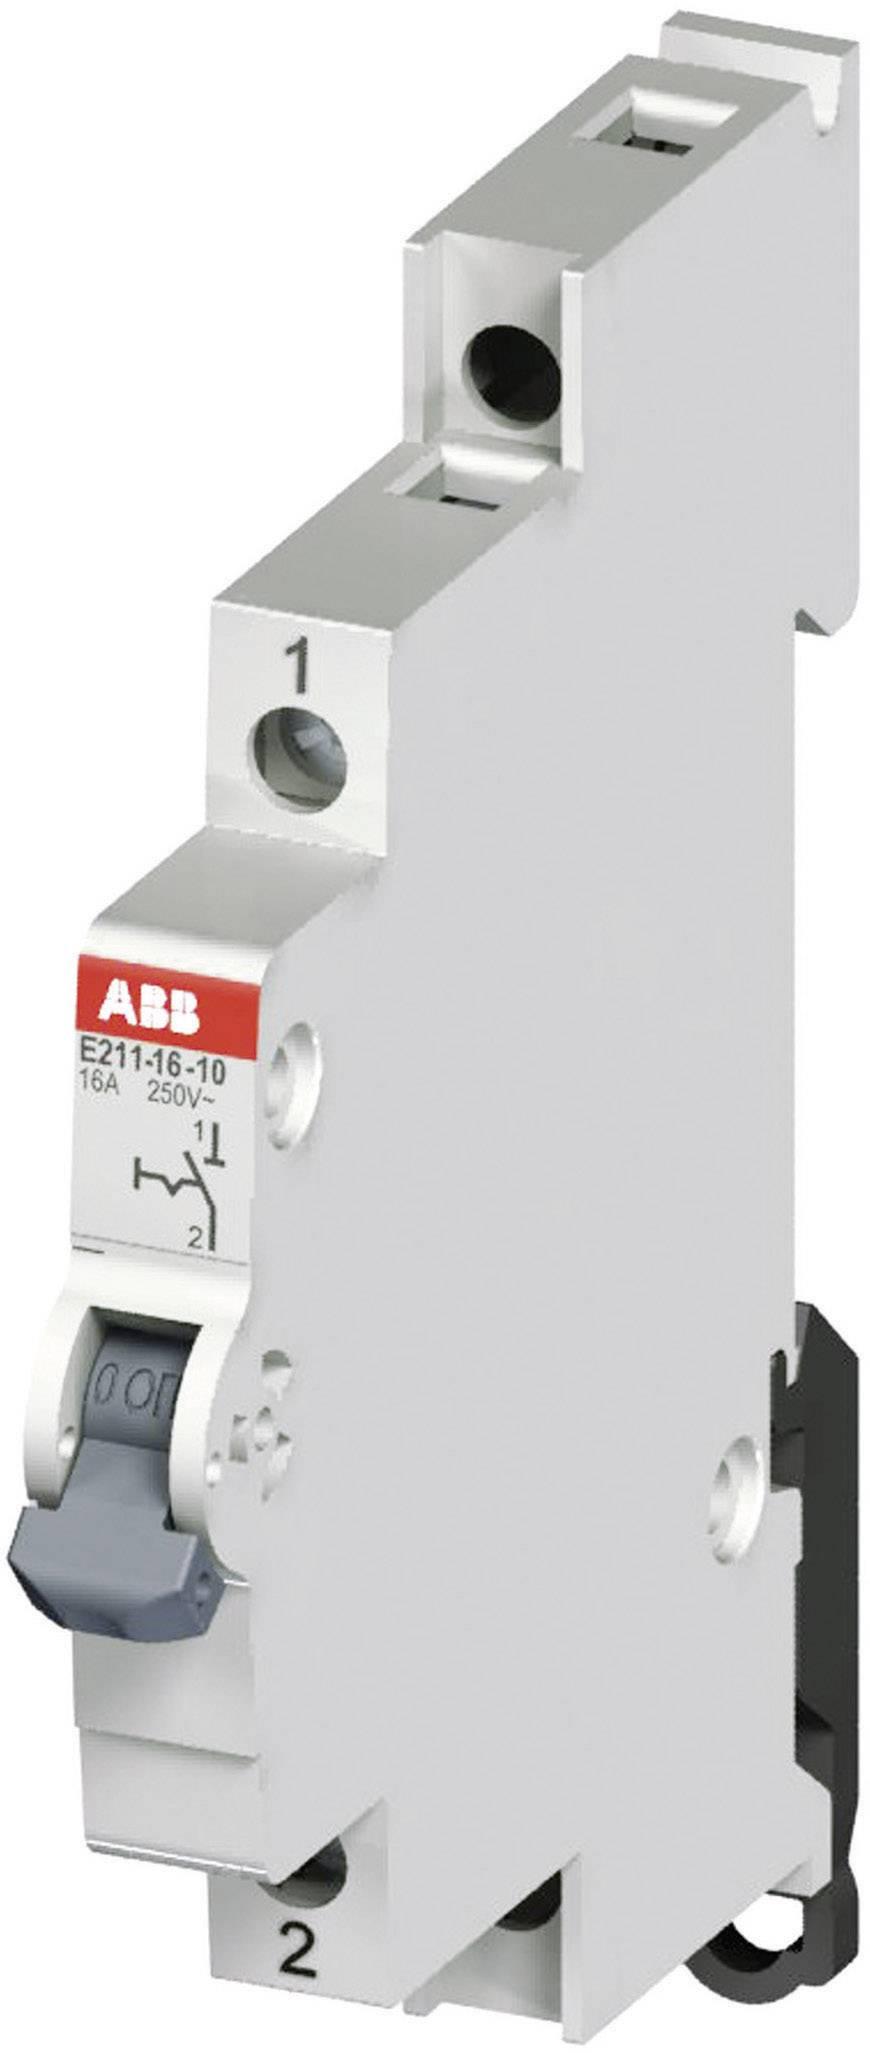 Vypínač ABB E211 16A-10, 16 A, 250 V, 1NO, 2CCA703000R0001